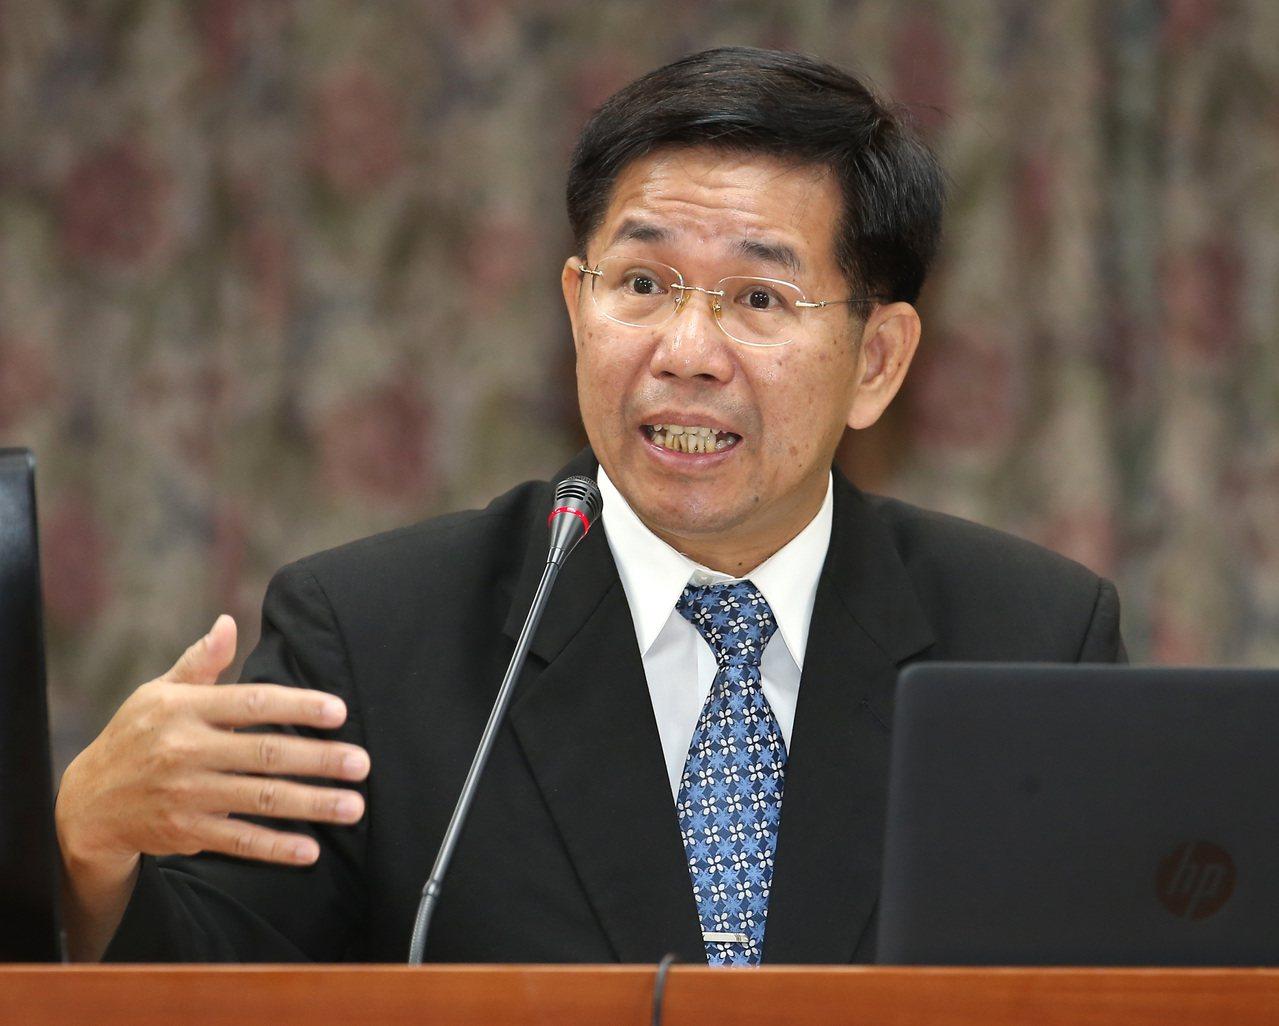 教育部長潘文忠昨出席立法院教育及文化委員會接受質詢。 記者高彬原/攝影